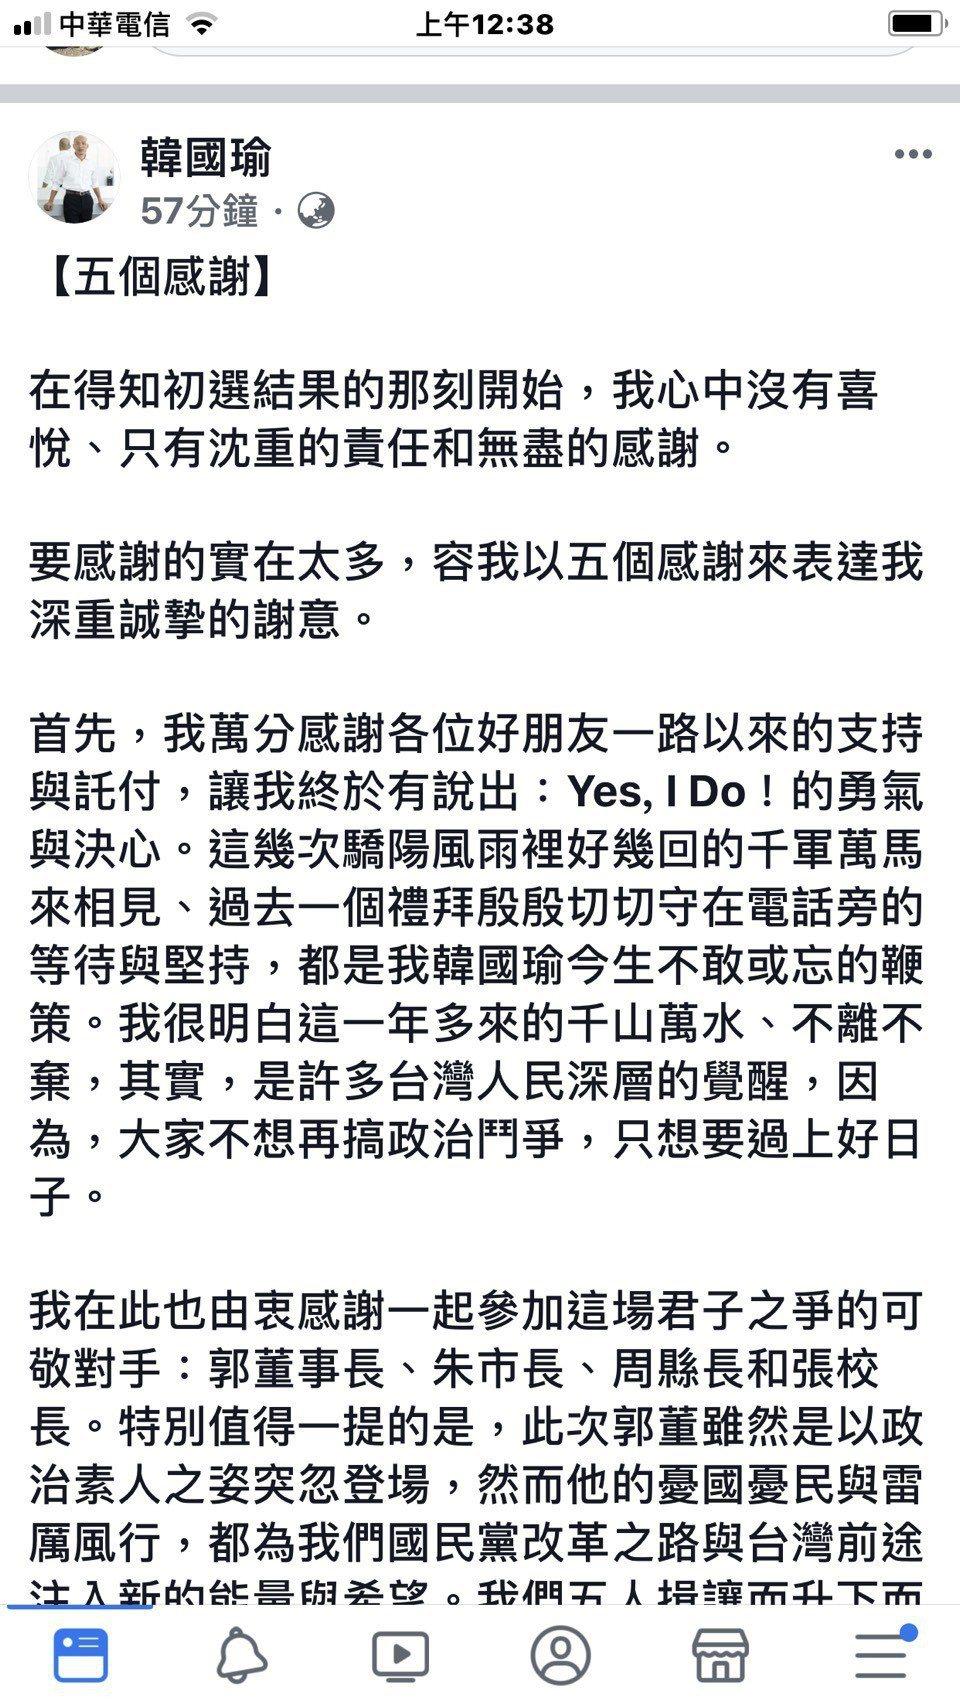 高雄市長韓國瑜深夜PO以「五個感謝」為題,強調在得知初選結果的那刻開始,他心中沒...